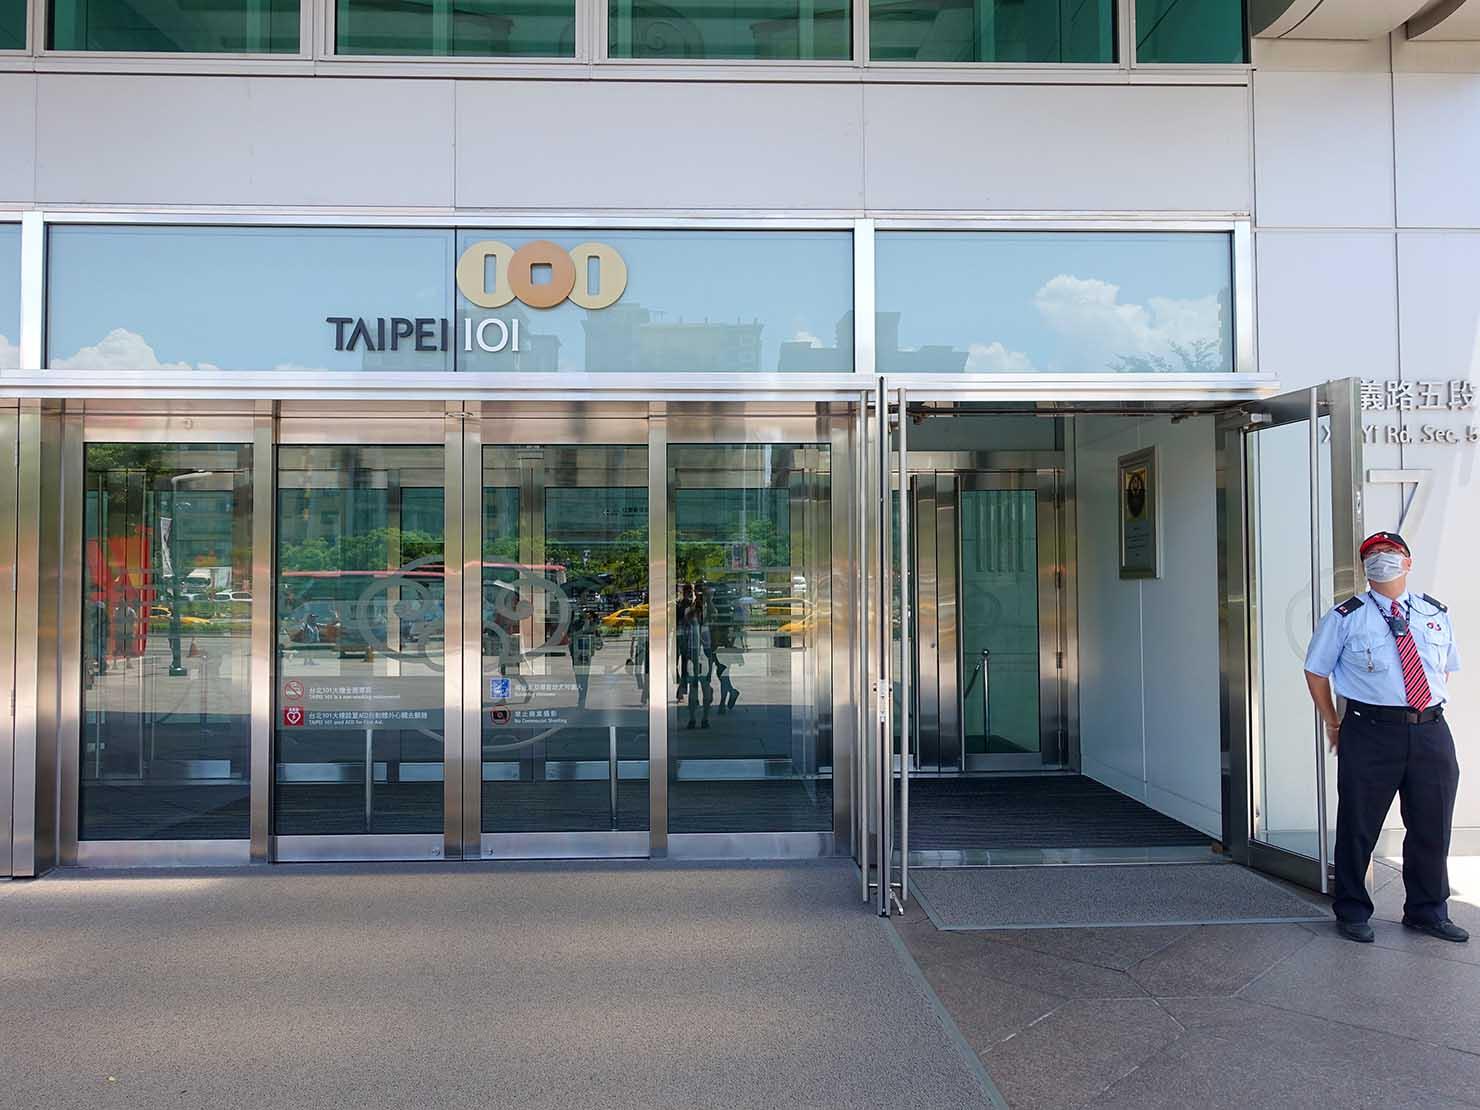 台北101のオフィスエリアへのエントランス